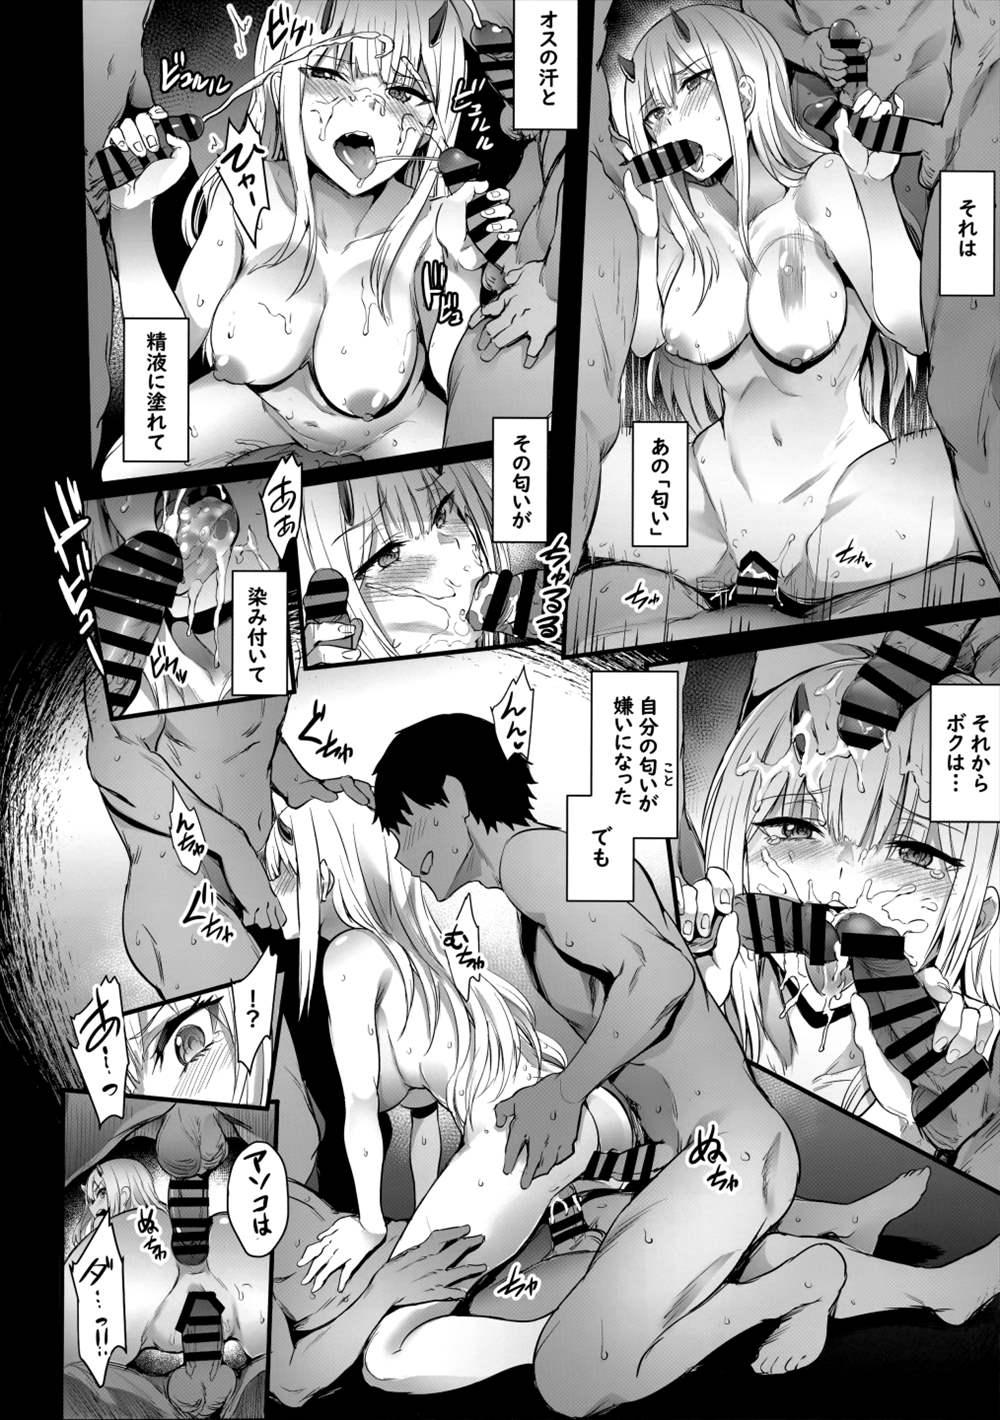 【エロ同人誌】(C94)ゼロツーちゃんの陵辱レイプの過去…夢の中で輪姦乱交されて悲鳴をあげる【ぷよちゃ:Bittersweet 】